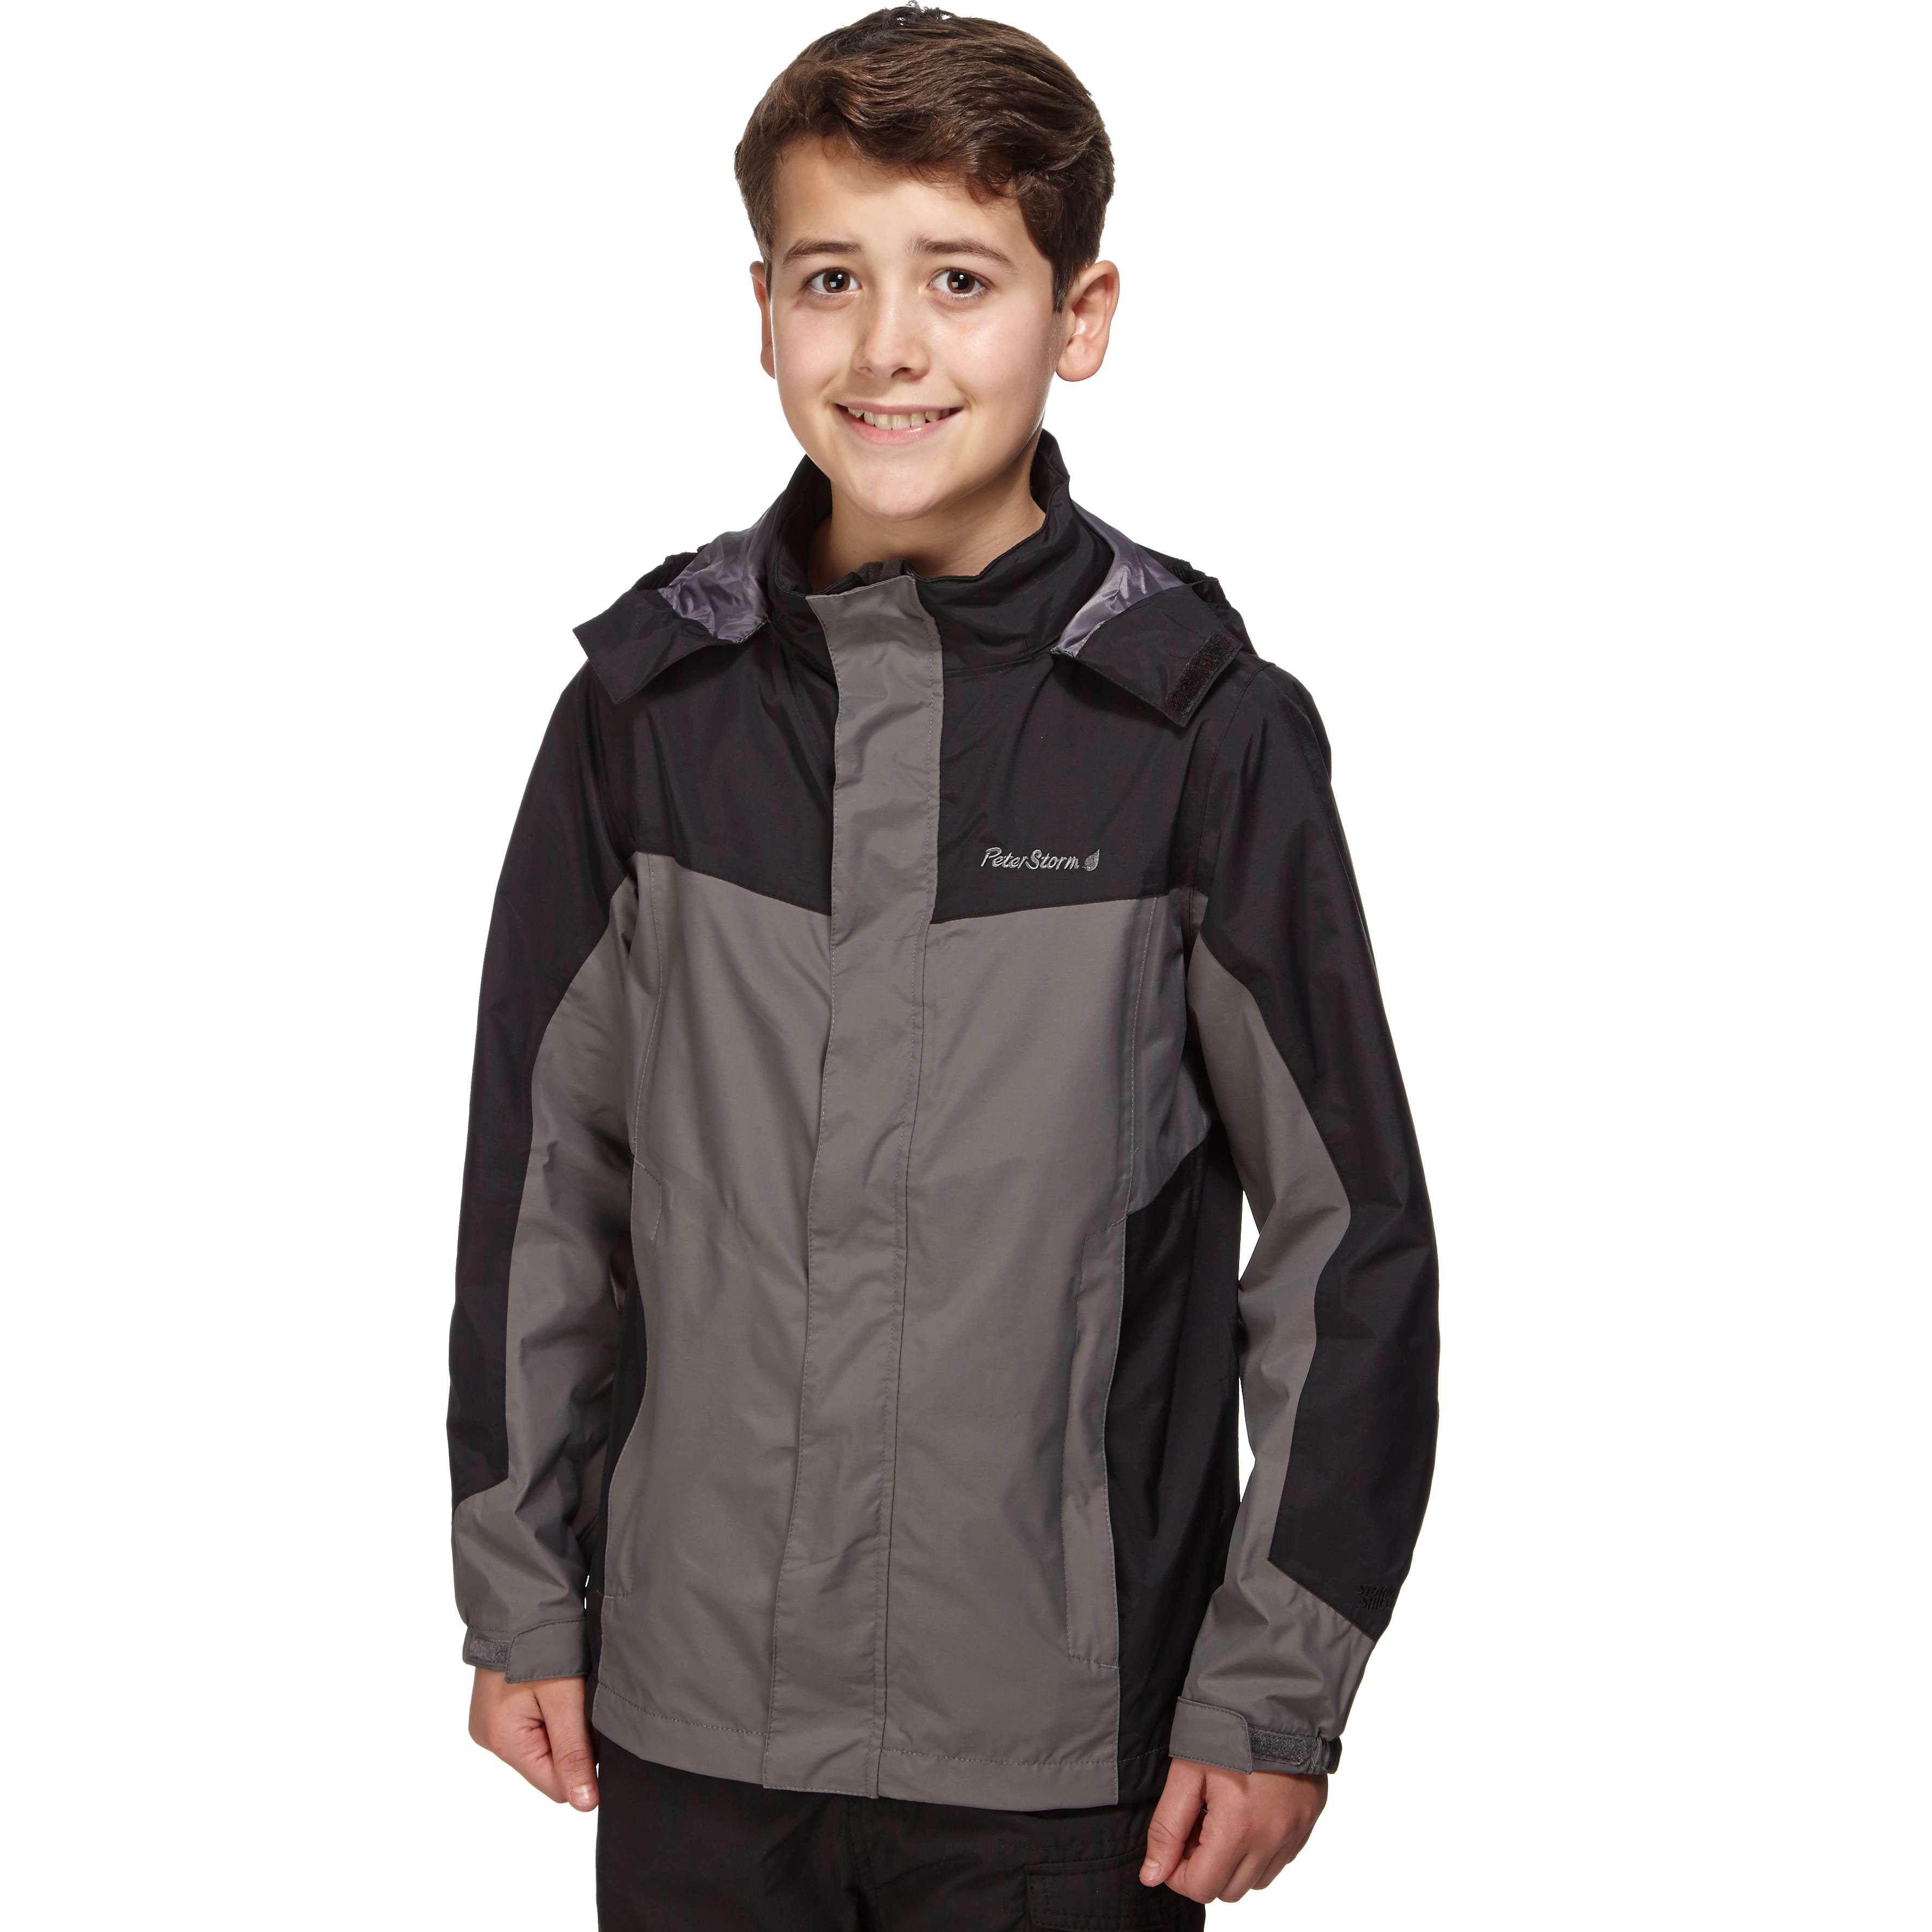 PETER STORM Boys' Edale Waterproof Jacket